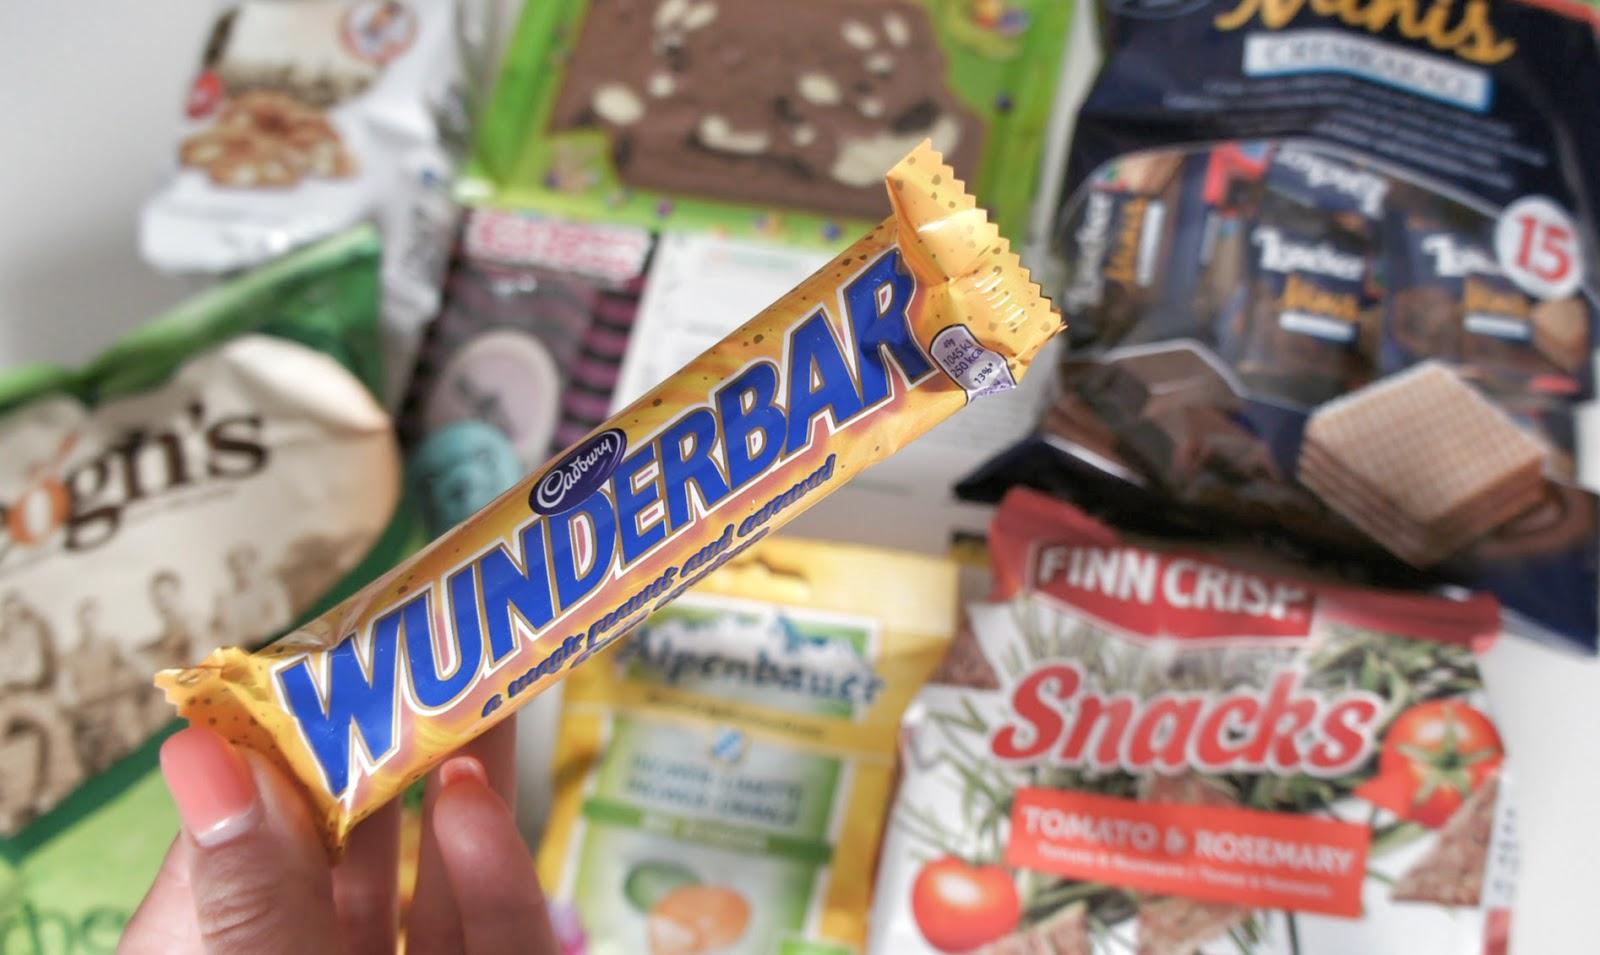 Wunderbar MyCouchbox